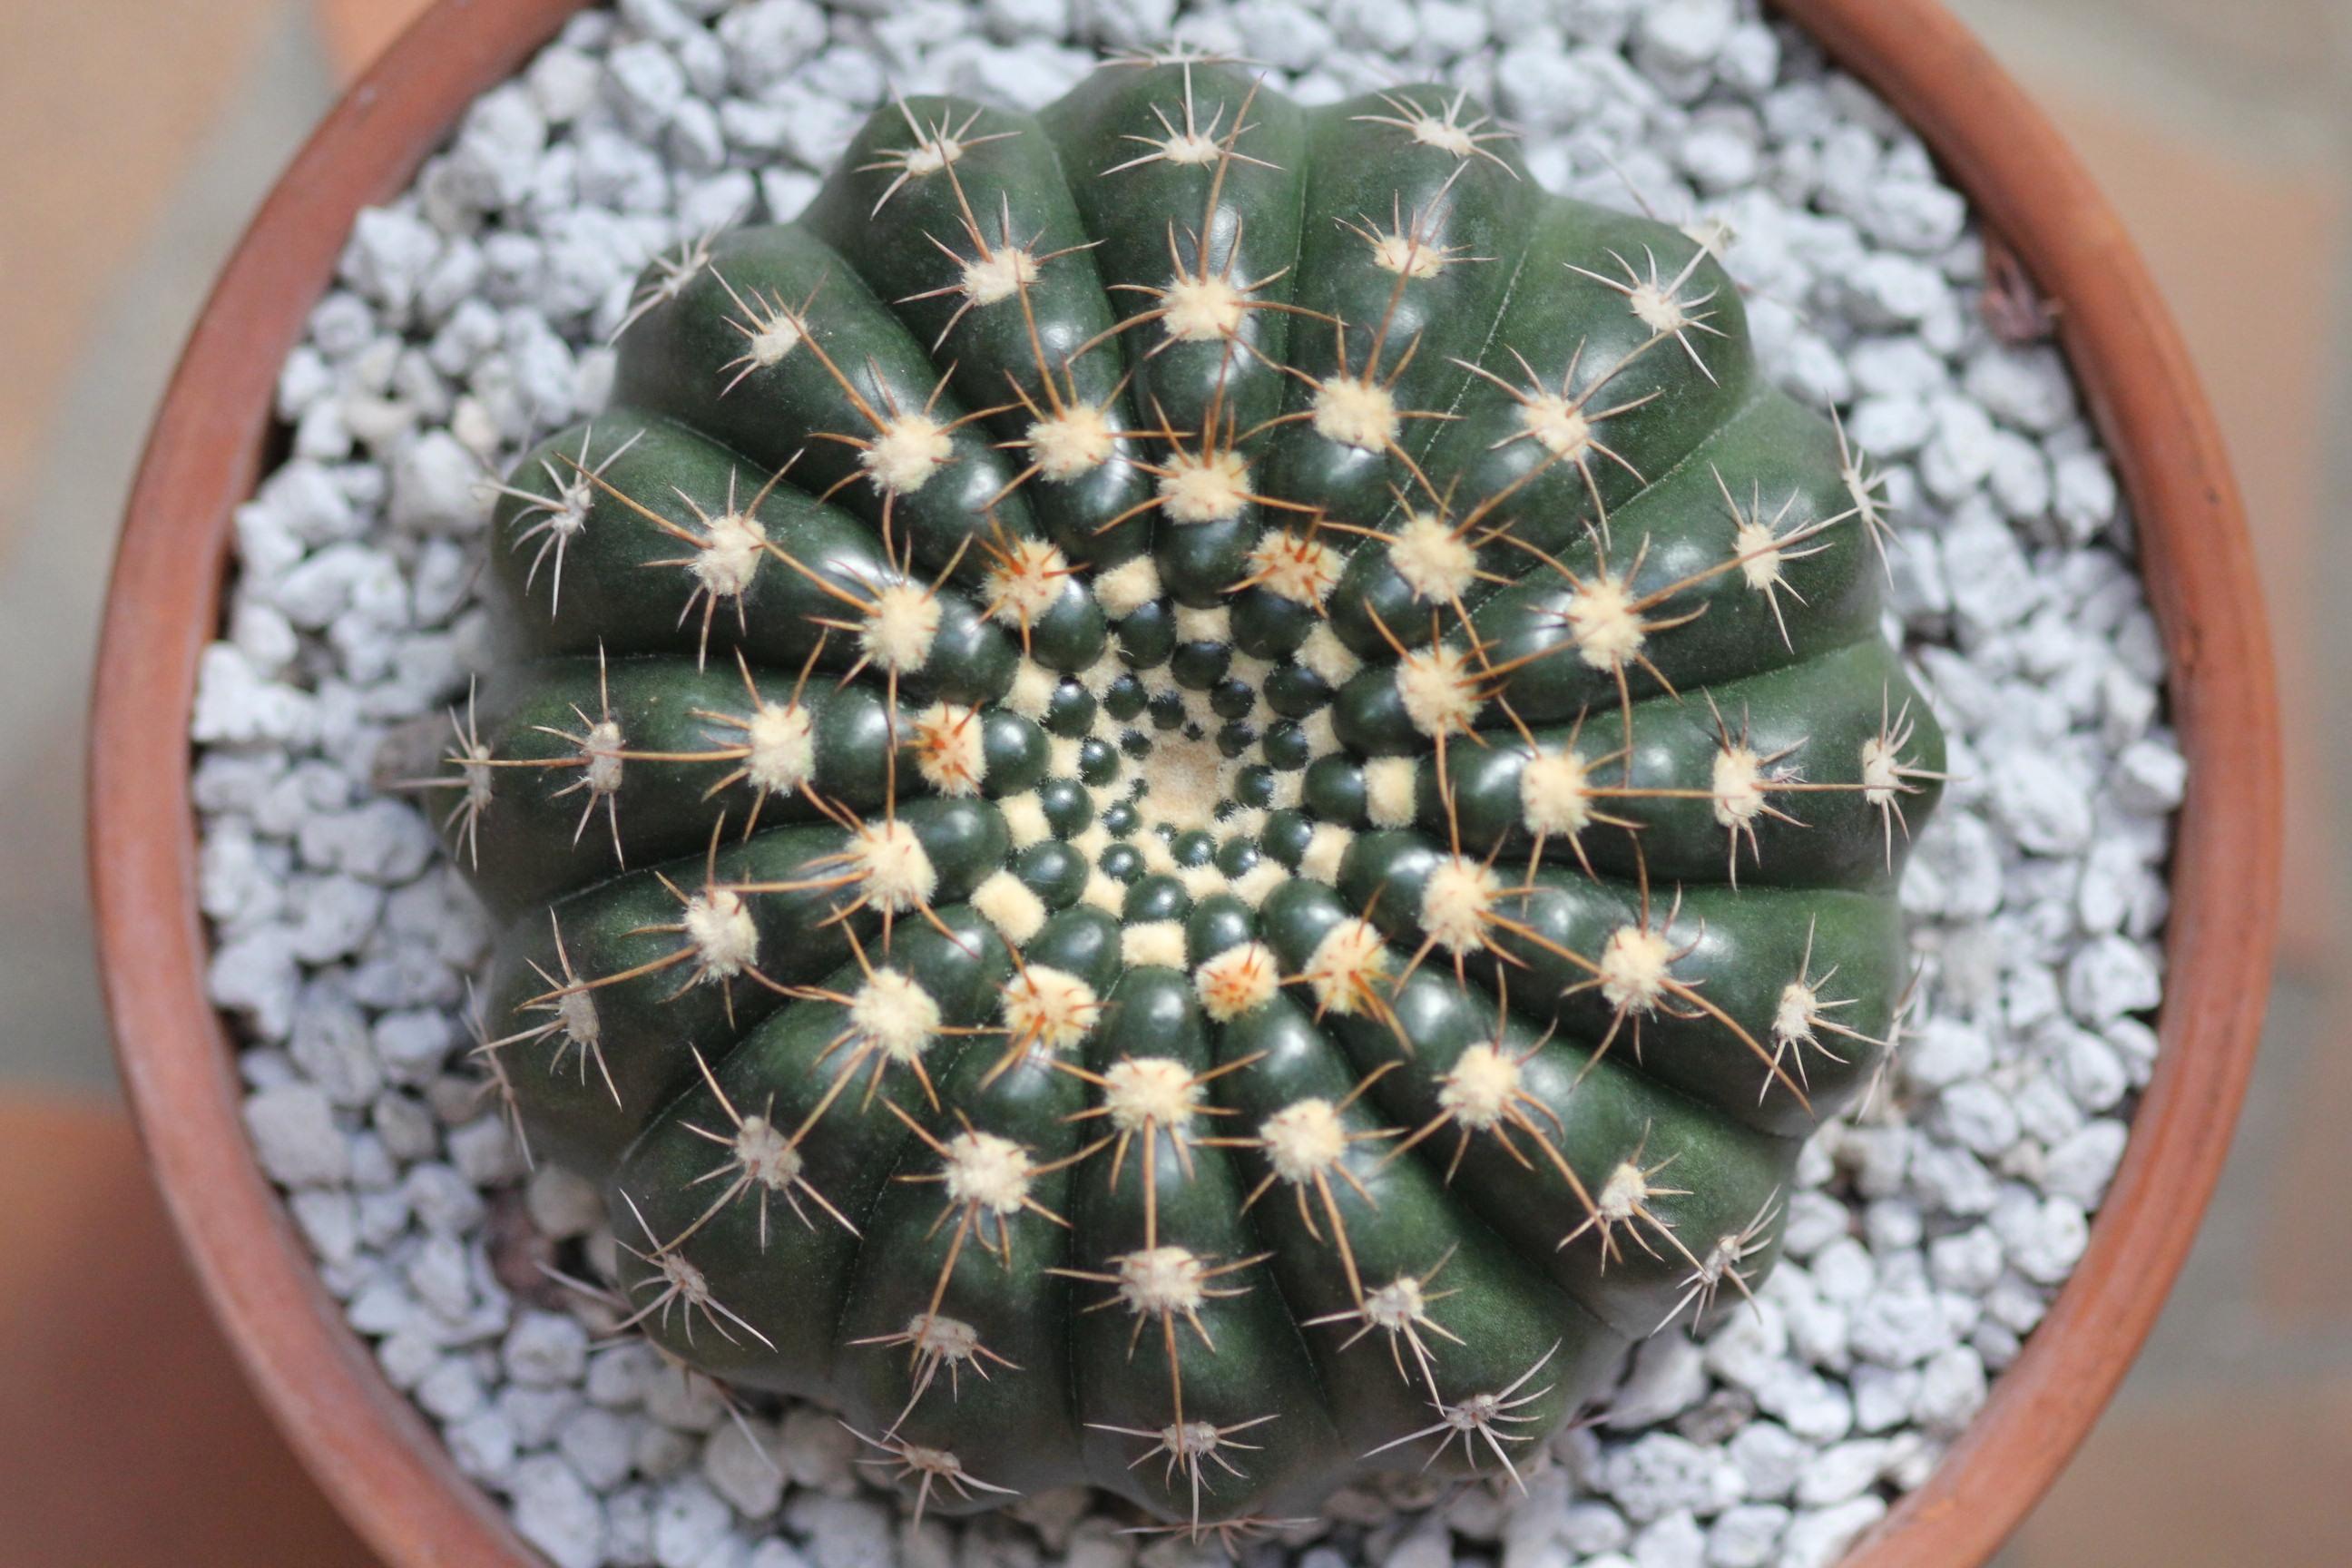 Parodia werneri (formerly Notocactus uebelmannianus)